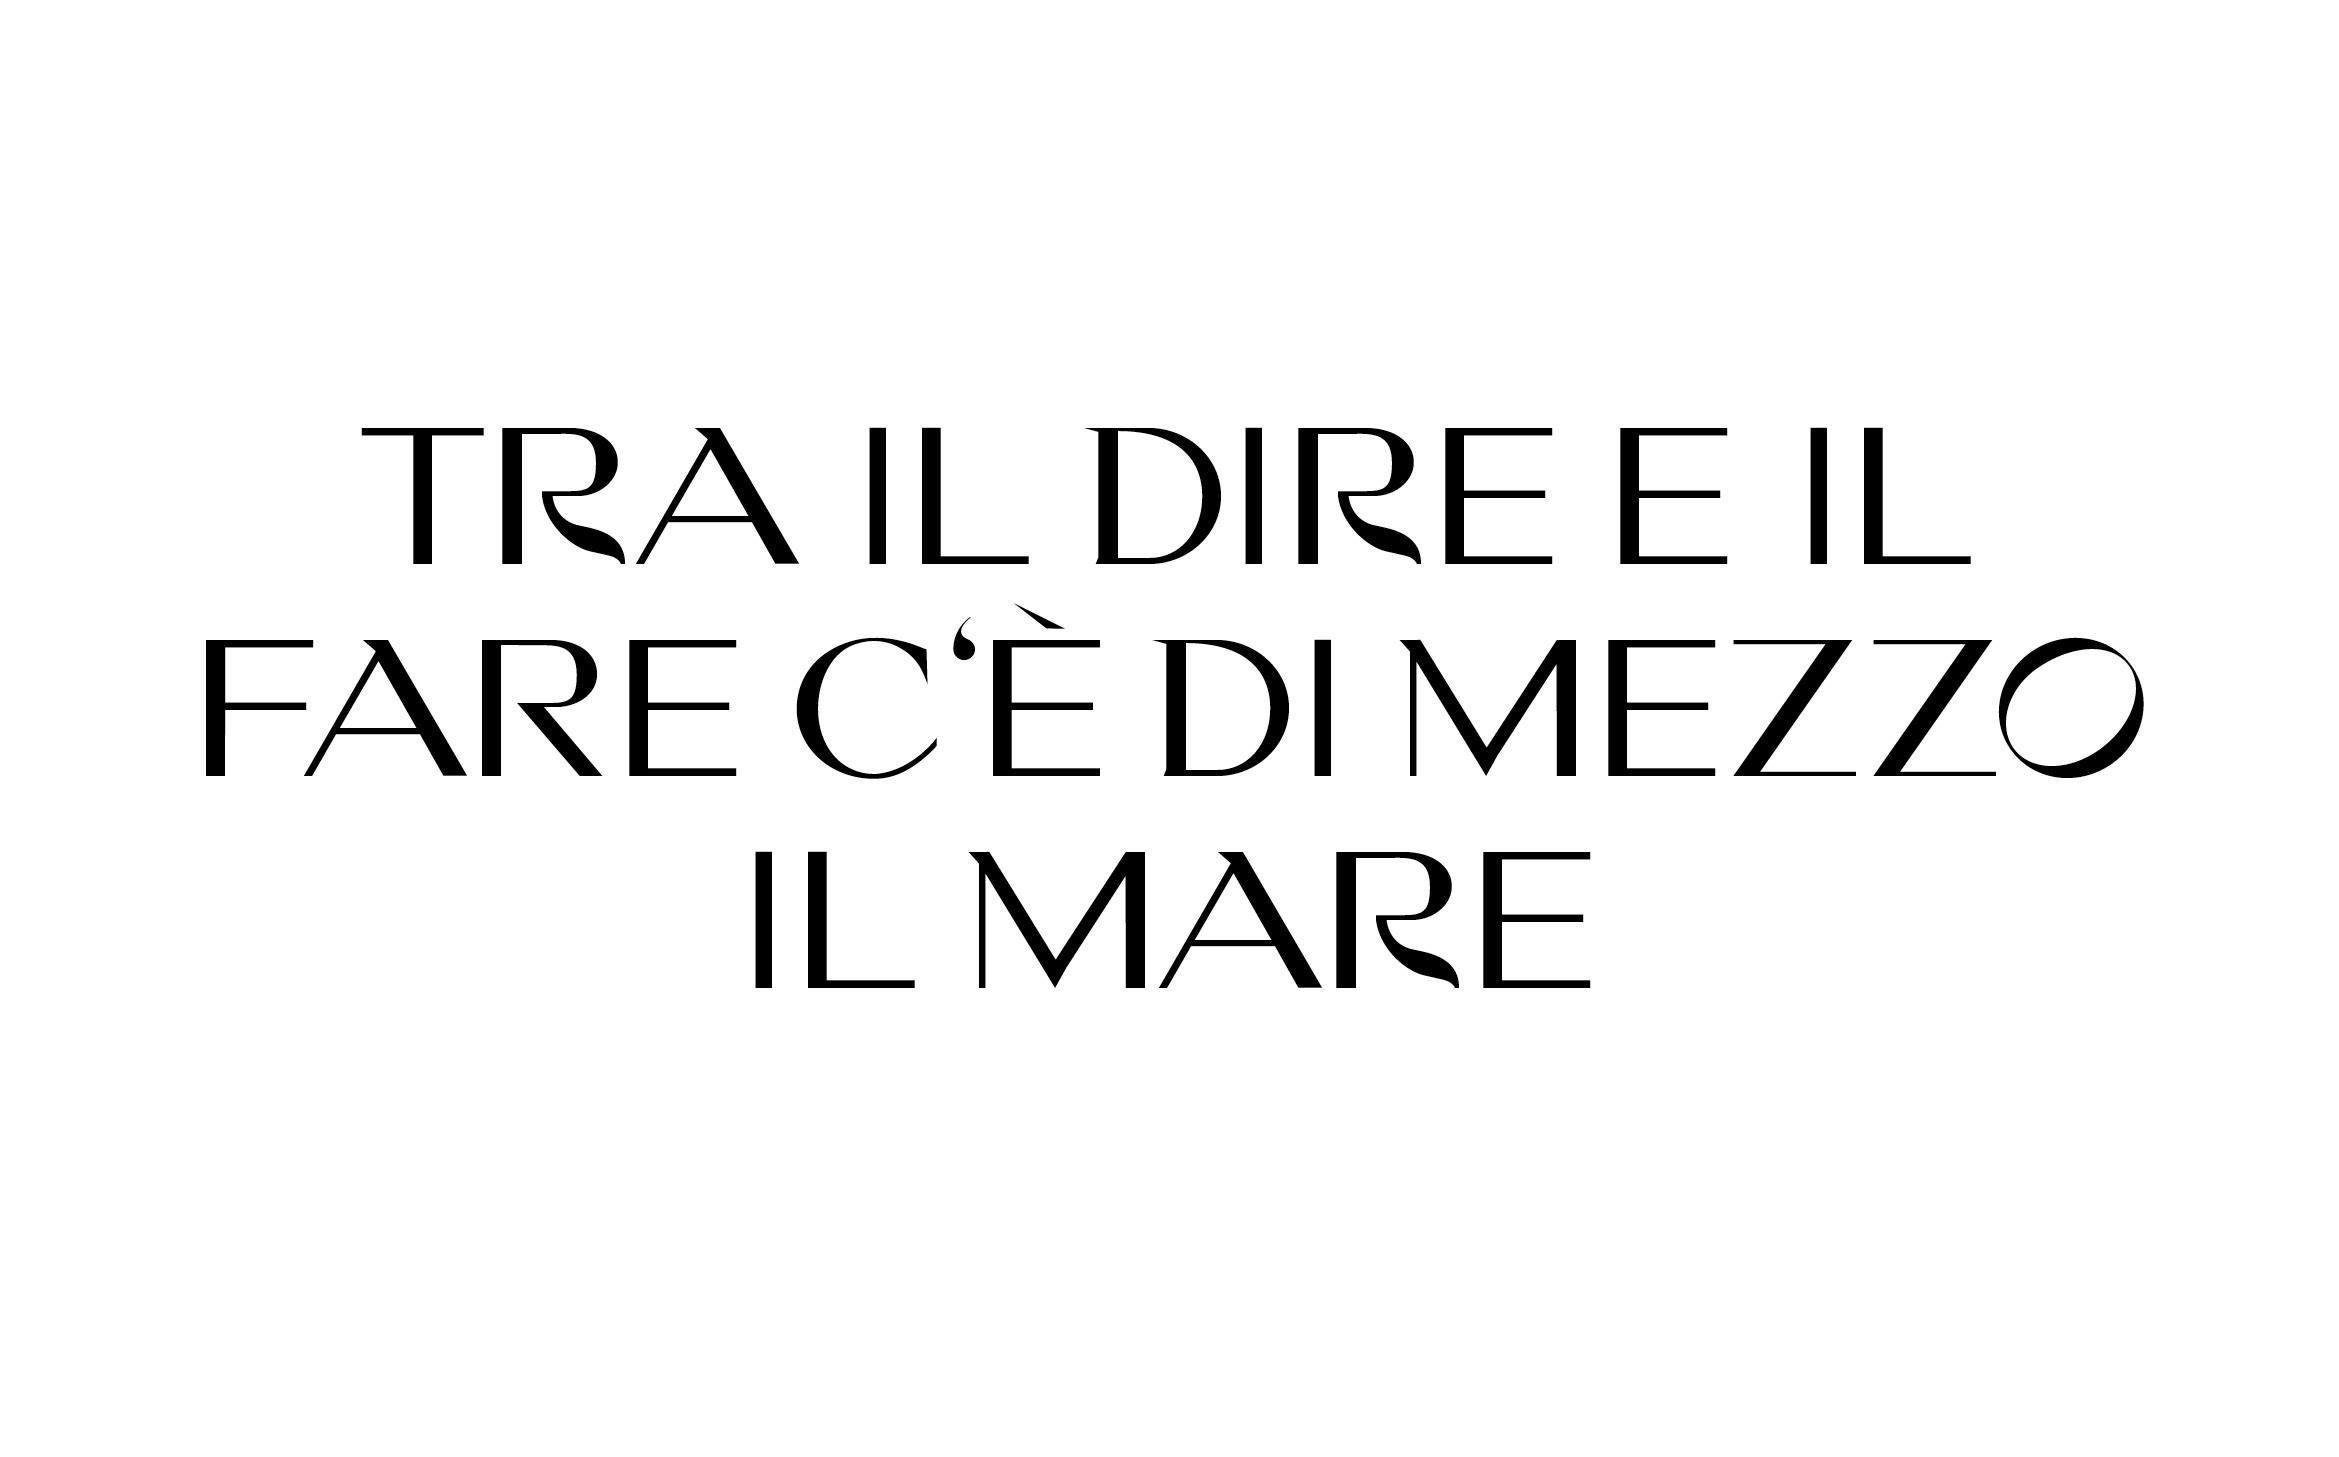 Cosi-Times-Typeface-Font-Nikolas-Wrobel-_Citazione-Mare